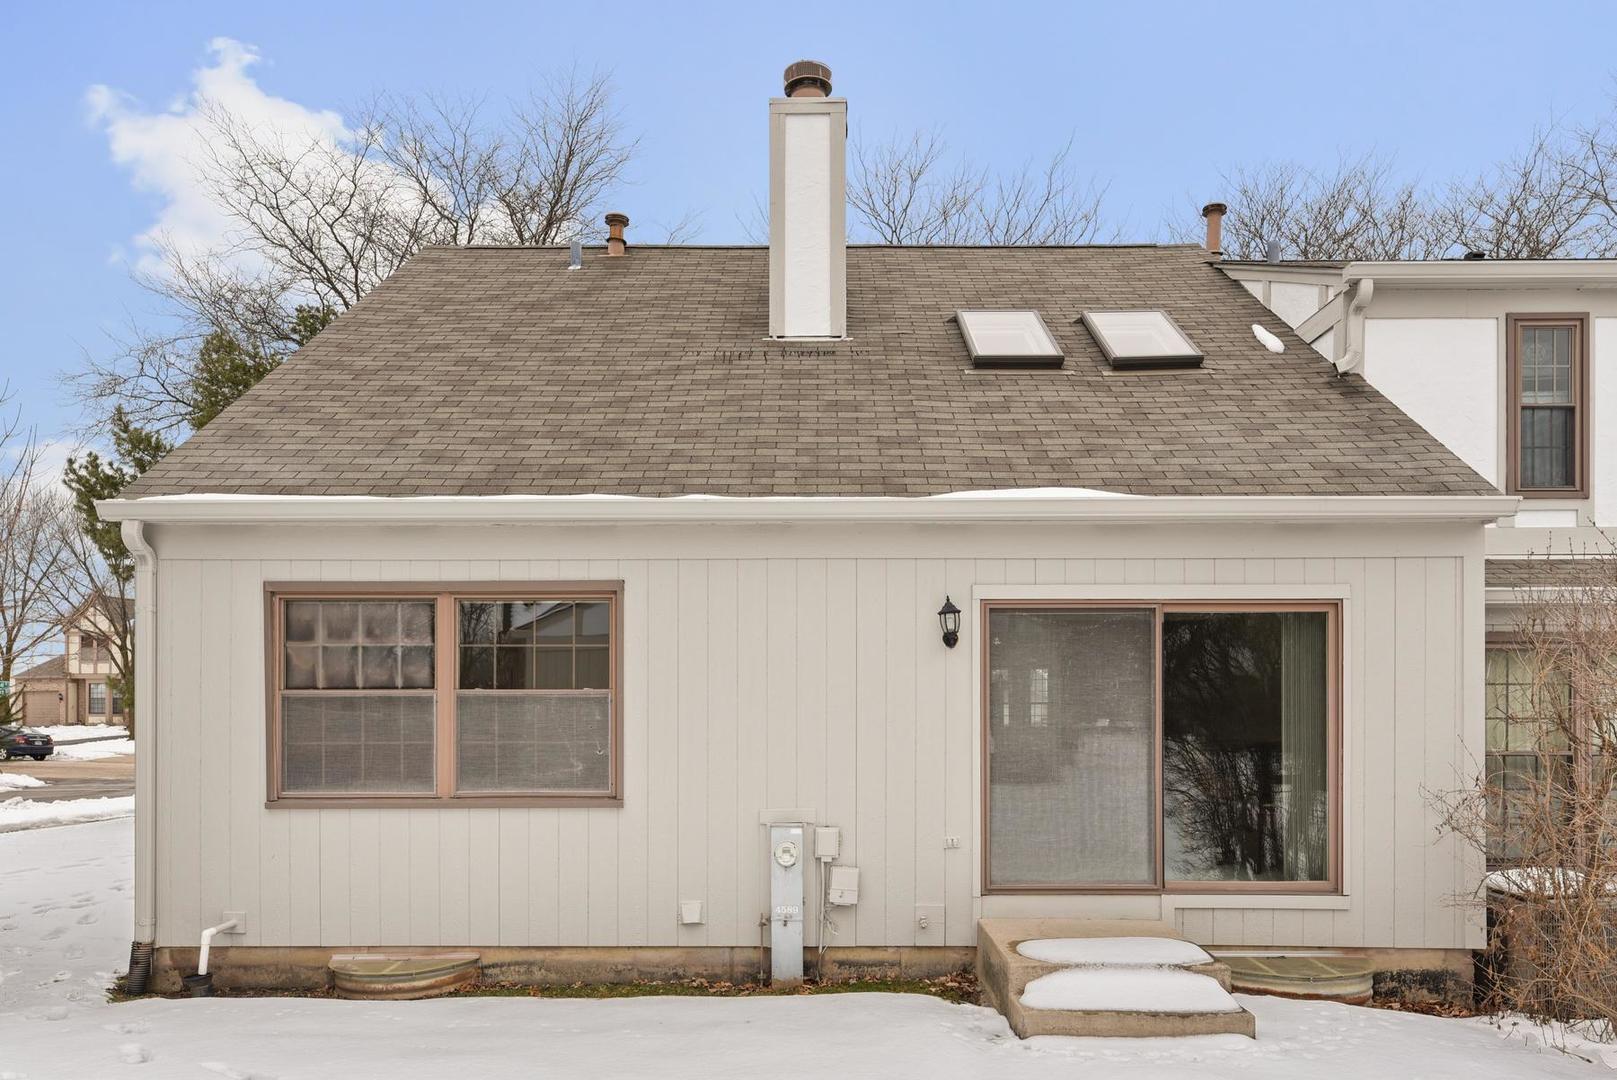 4589 Topaz, Hoffman Estates, Illinois, 60192